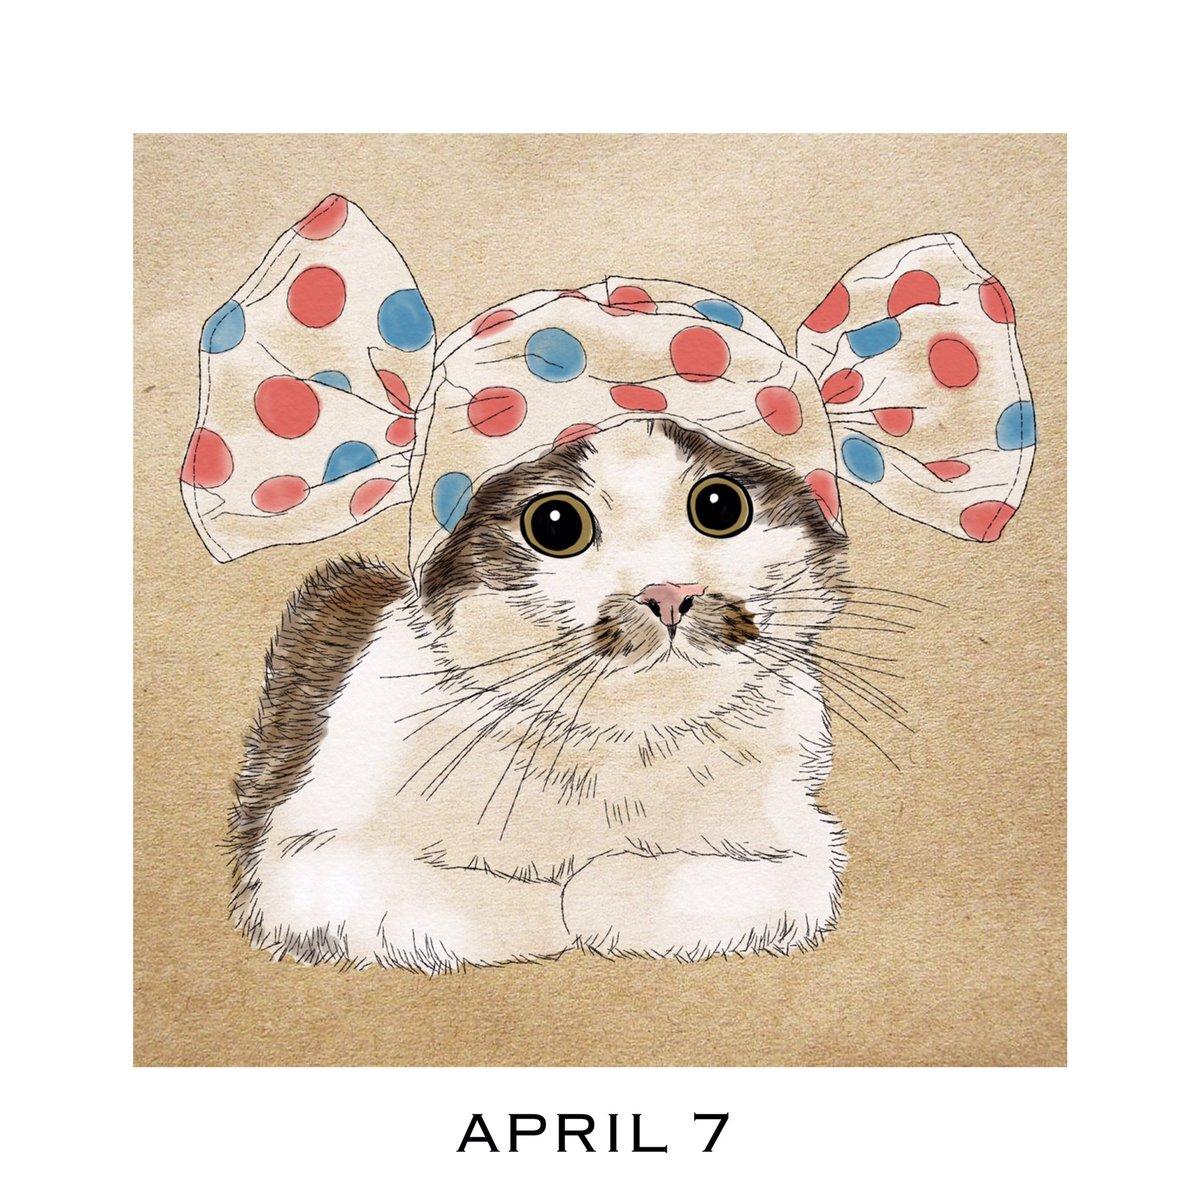 猫好きイラストレーター 365cat Art 4月7日 猫カレンダー 365catart 野良猫ちゃんが遊びに来てるにゃ 猫のイラスト 描いてるにゃ T Co 1lhrrxj5af 猫好きさんと繋がりたい 猫 ねこ 猫似顔絵 猫イラスト 猫イラストレーター 猫の絵